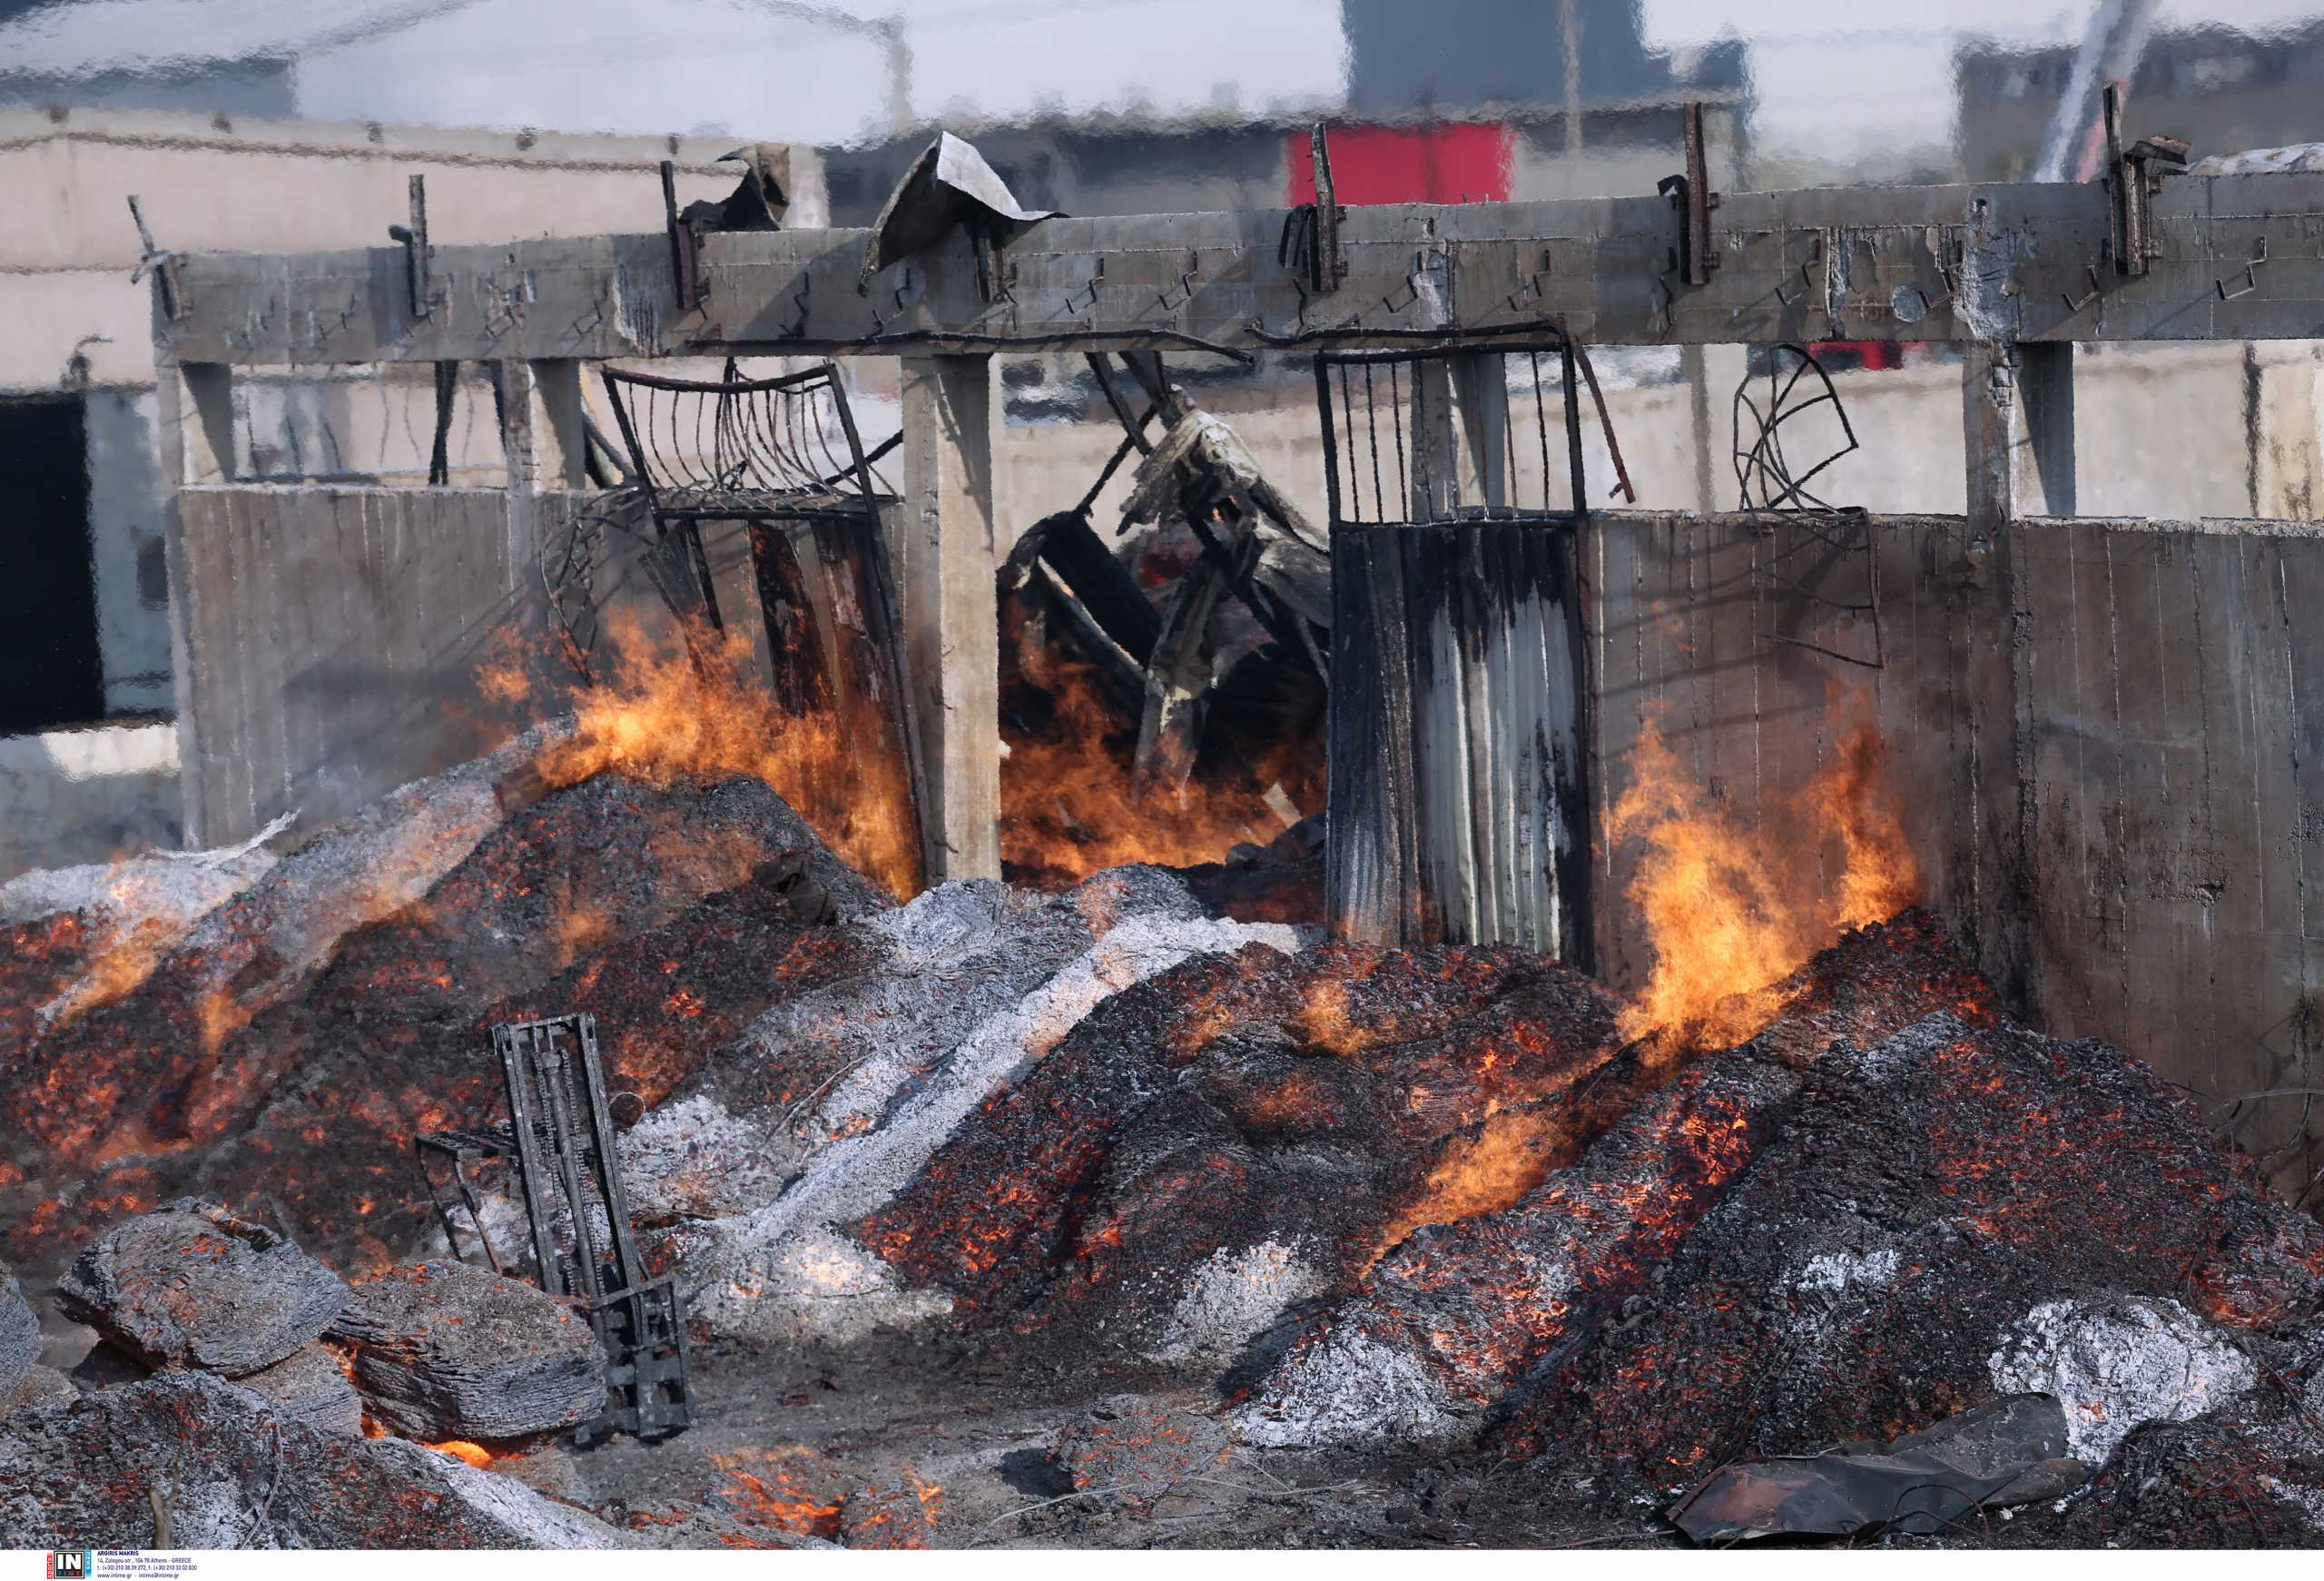 Φωτιά στον Ασπρόπυργο: Οι πρώτες εικόνες από την καταστροφή – Μαίνεται η πυρκαγιά σε εργοστάσιο ξυλείας